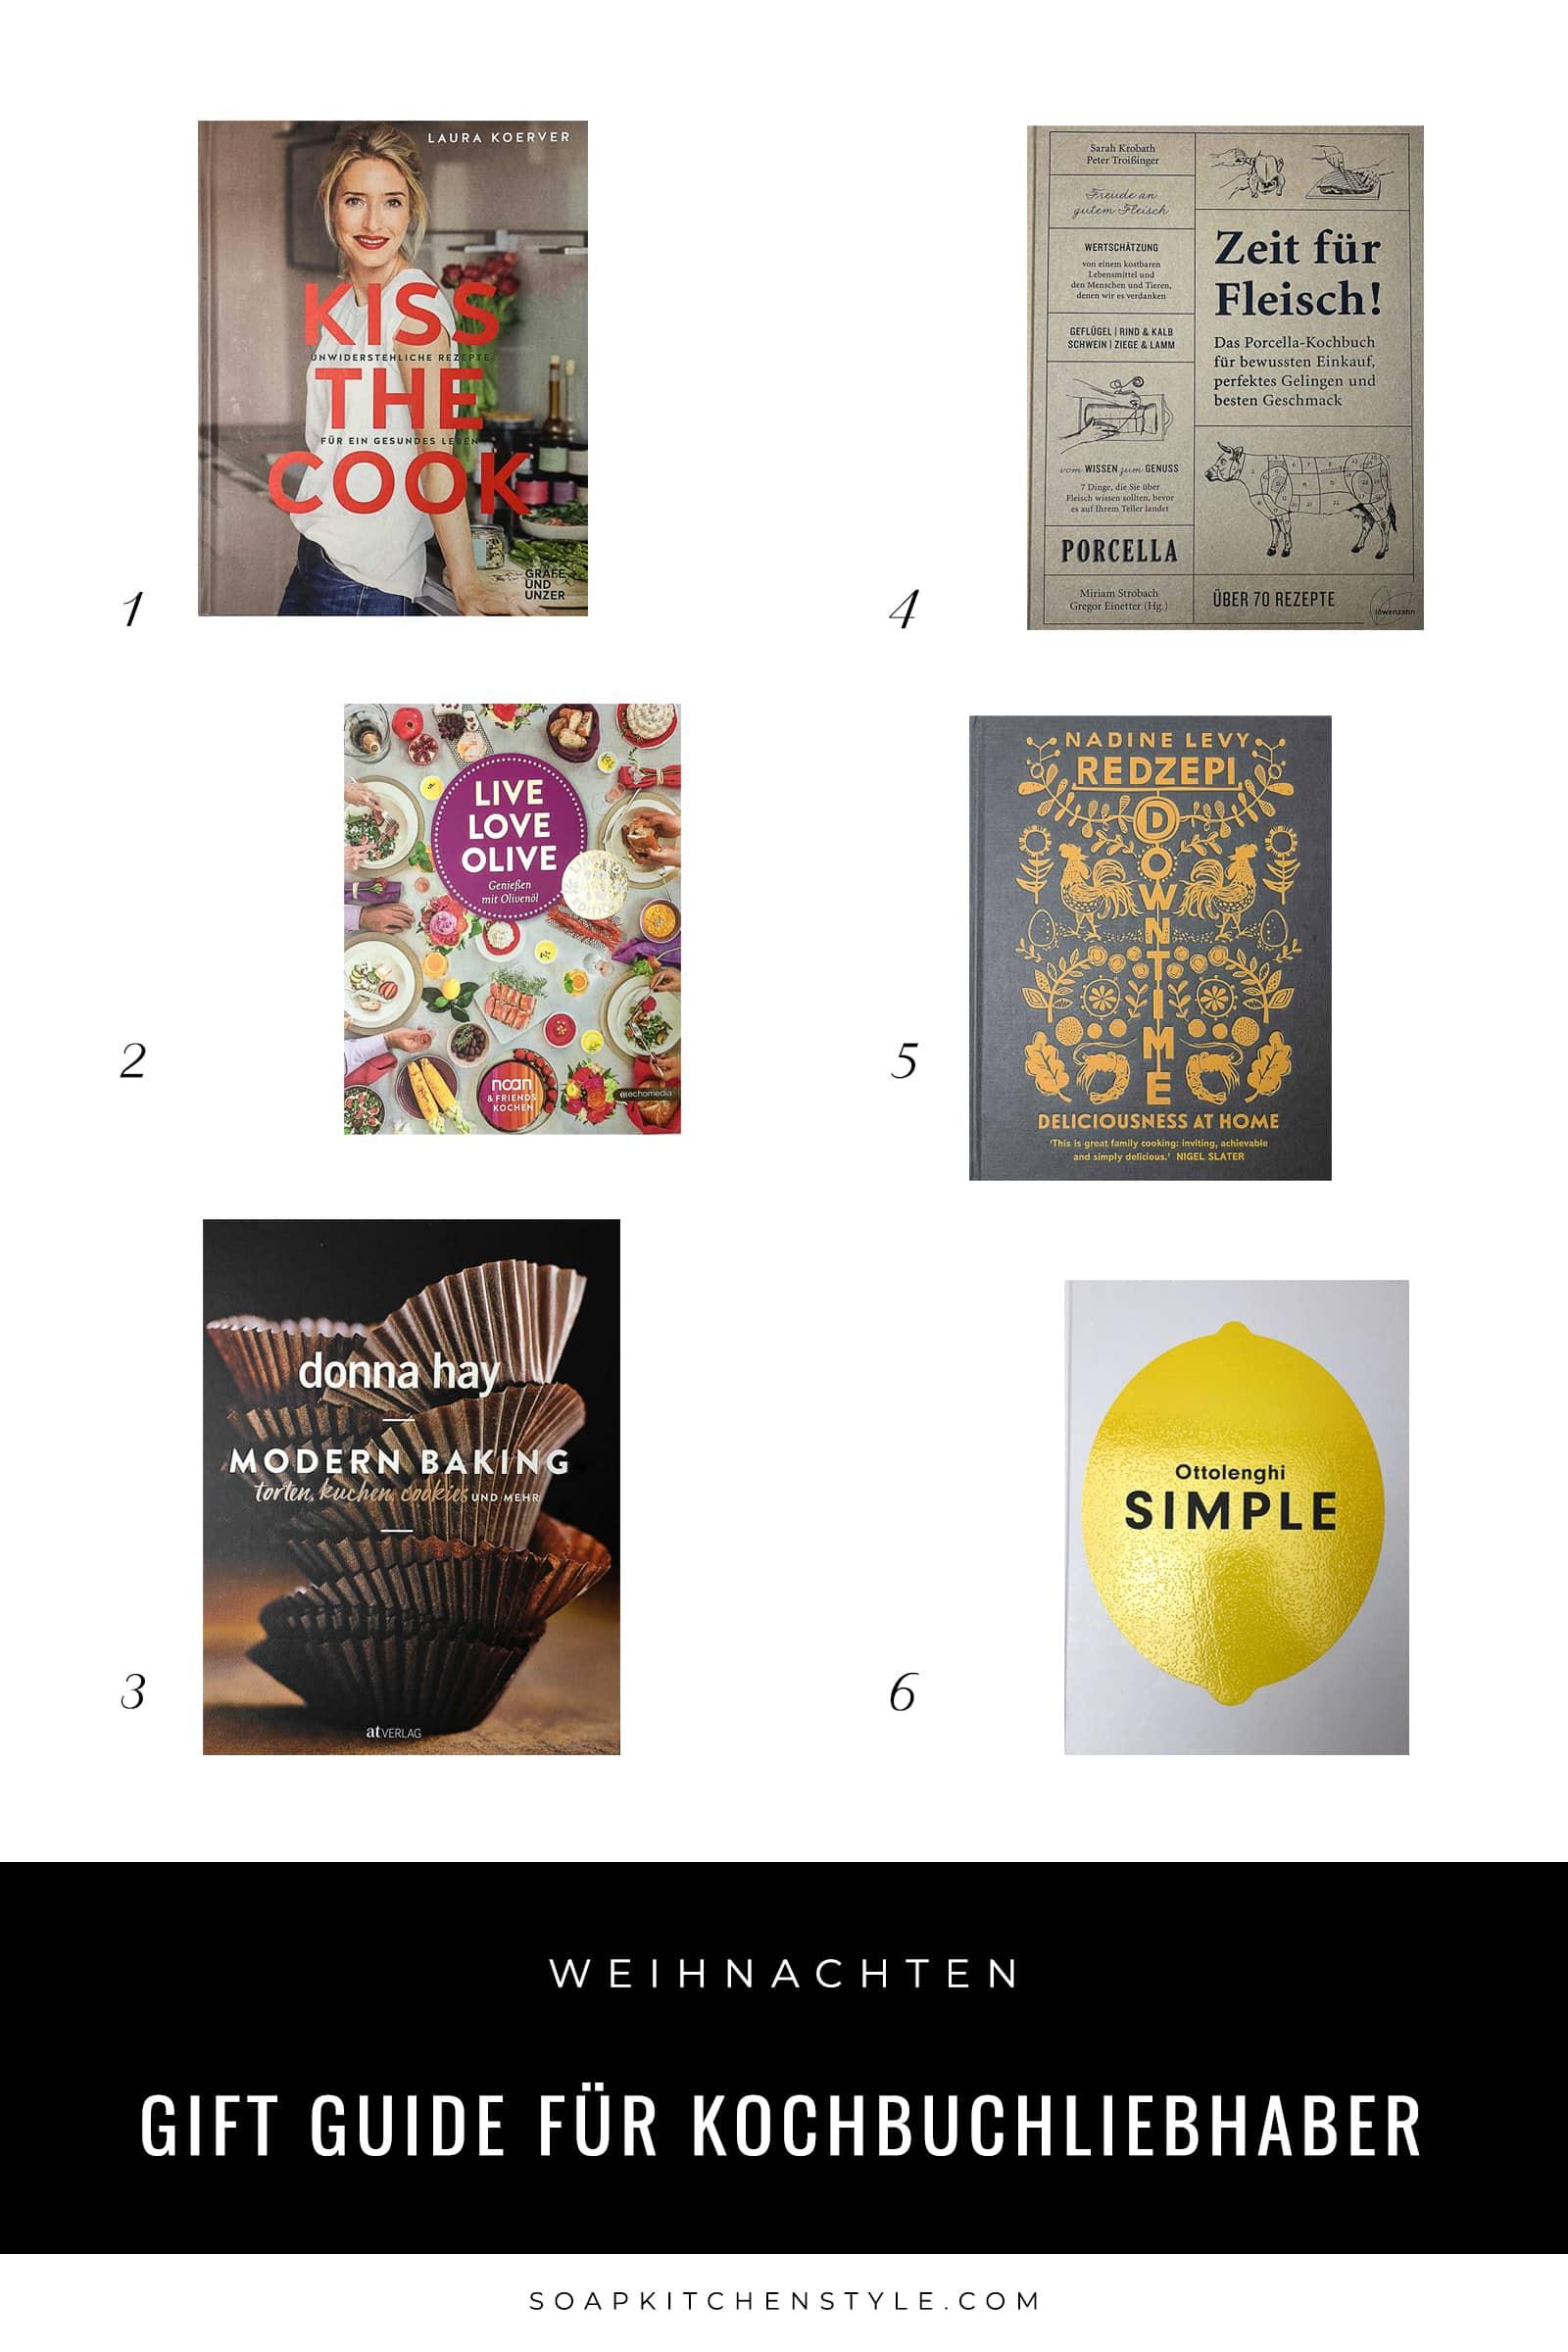 Gift guide für Kochbuchliebhaber | SOAP|KITCHEN|STYLE